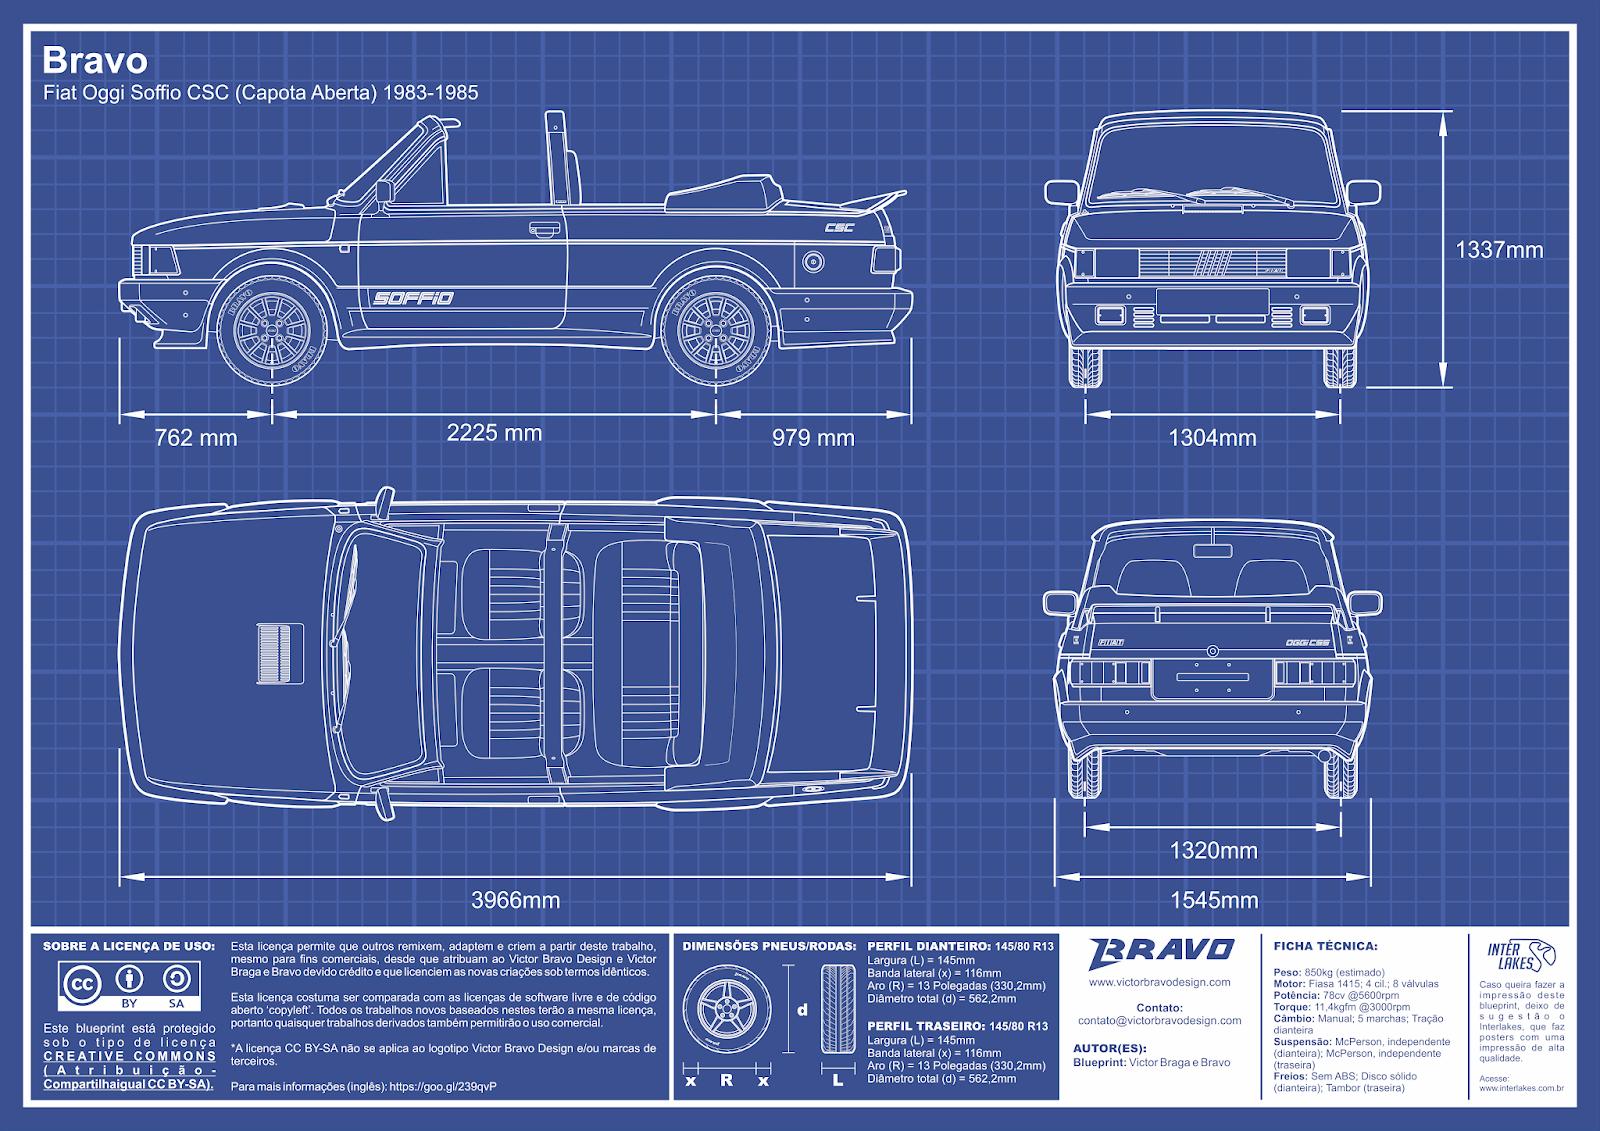 Imagem mostrando o desenho do blueprint do Bravo Fiat Oggi Soffio CSC (Capota Aberta) 1983-1985